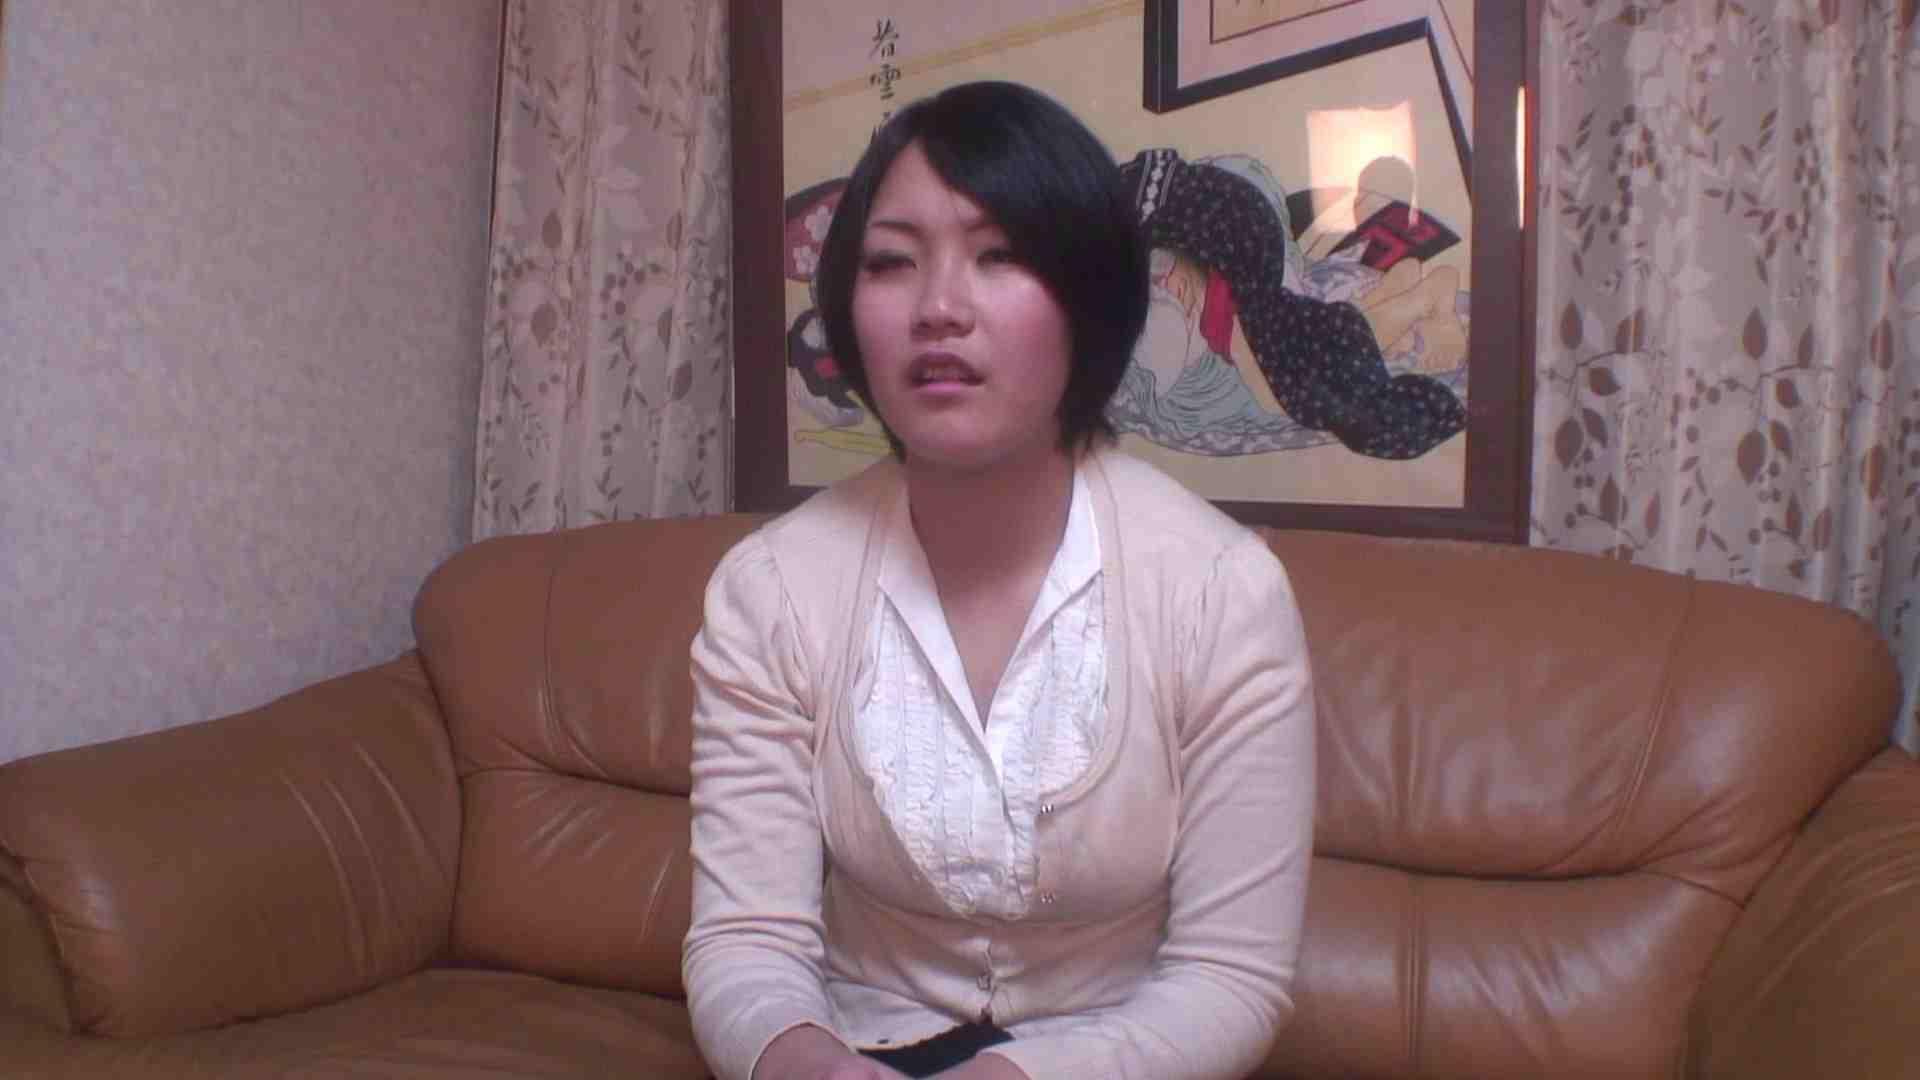 鬼才沖本監督 軽い気持ちで来てしまった女 フェラ動画  109画像 30